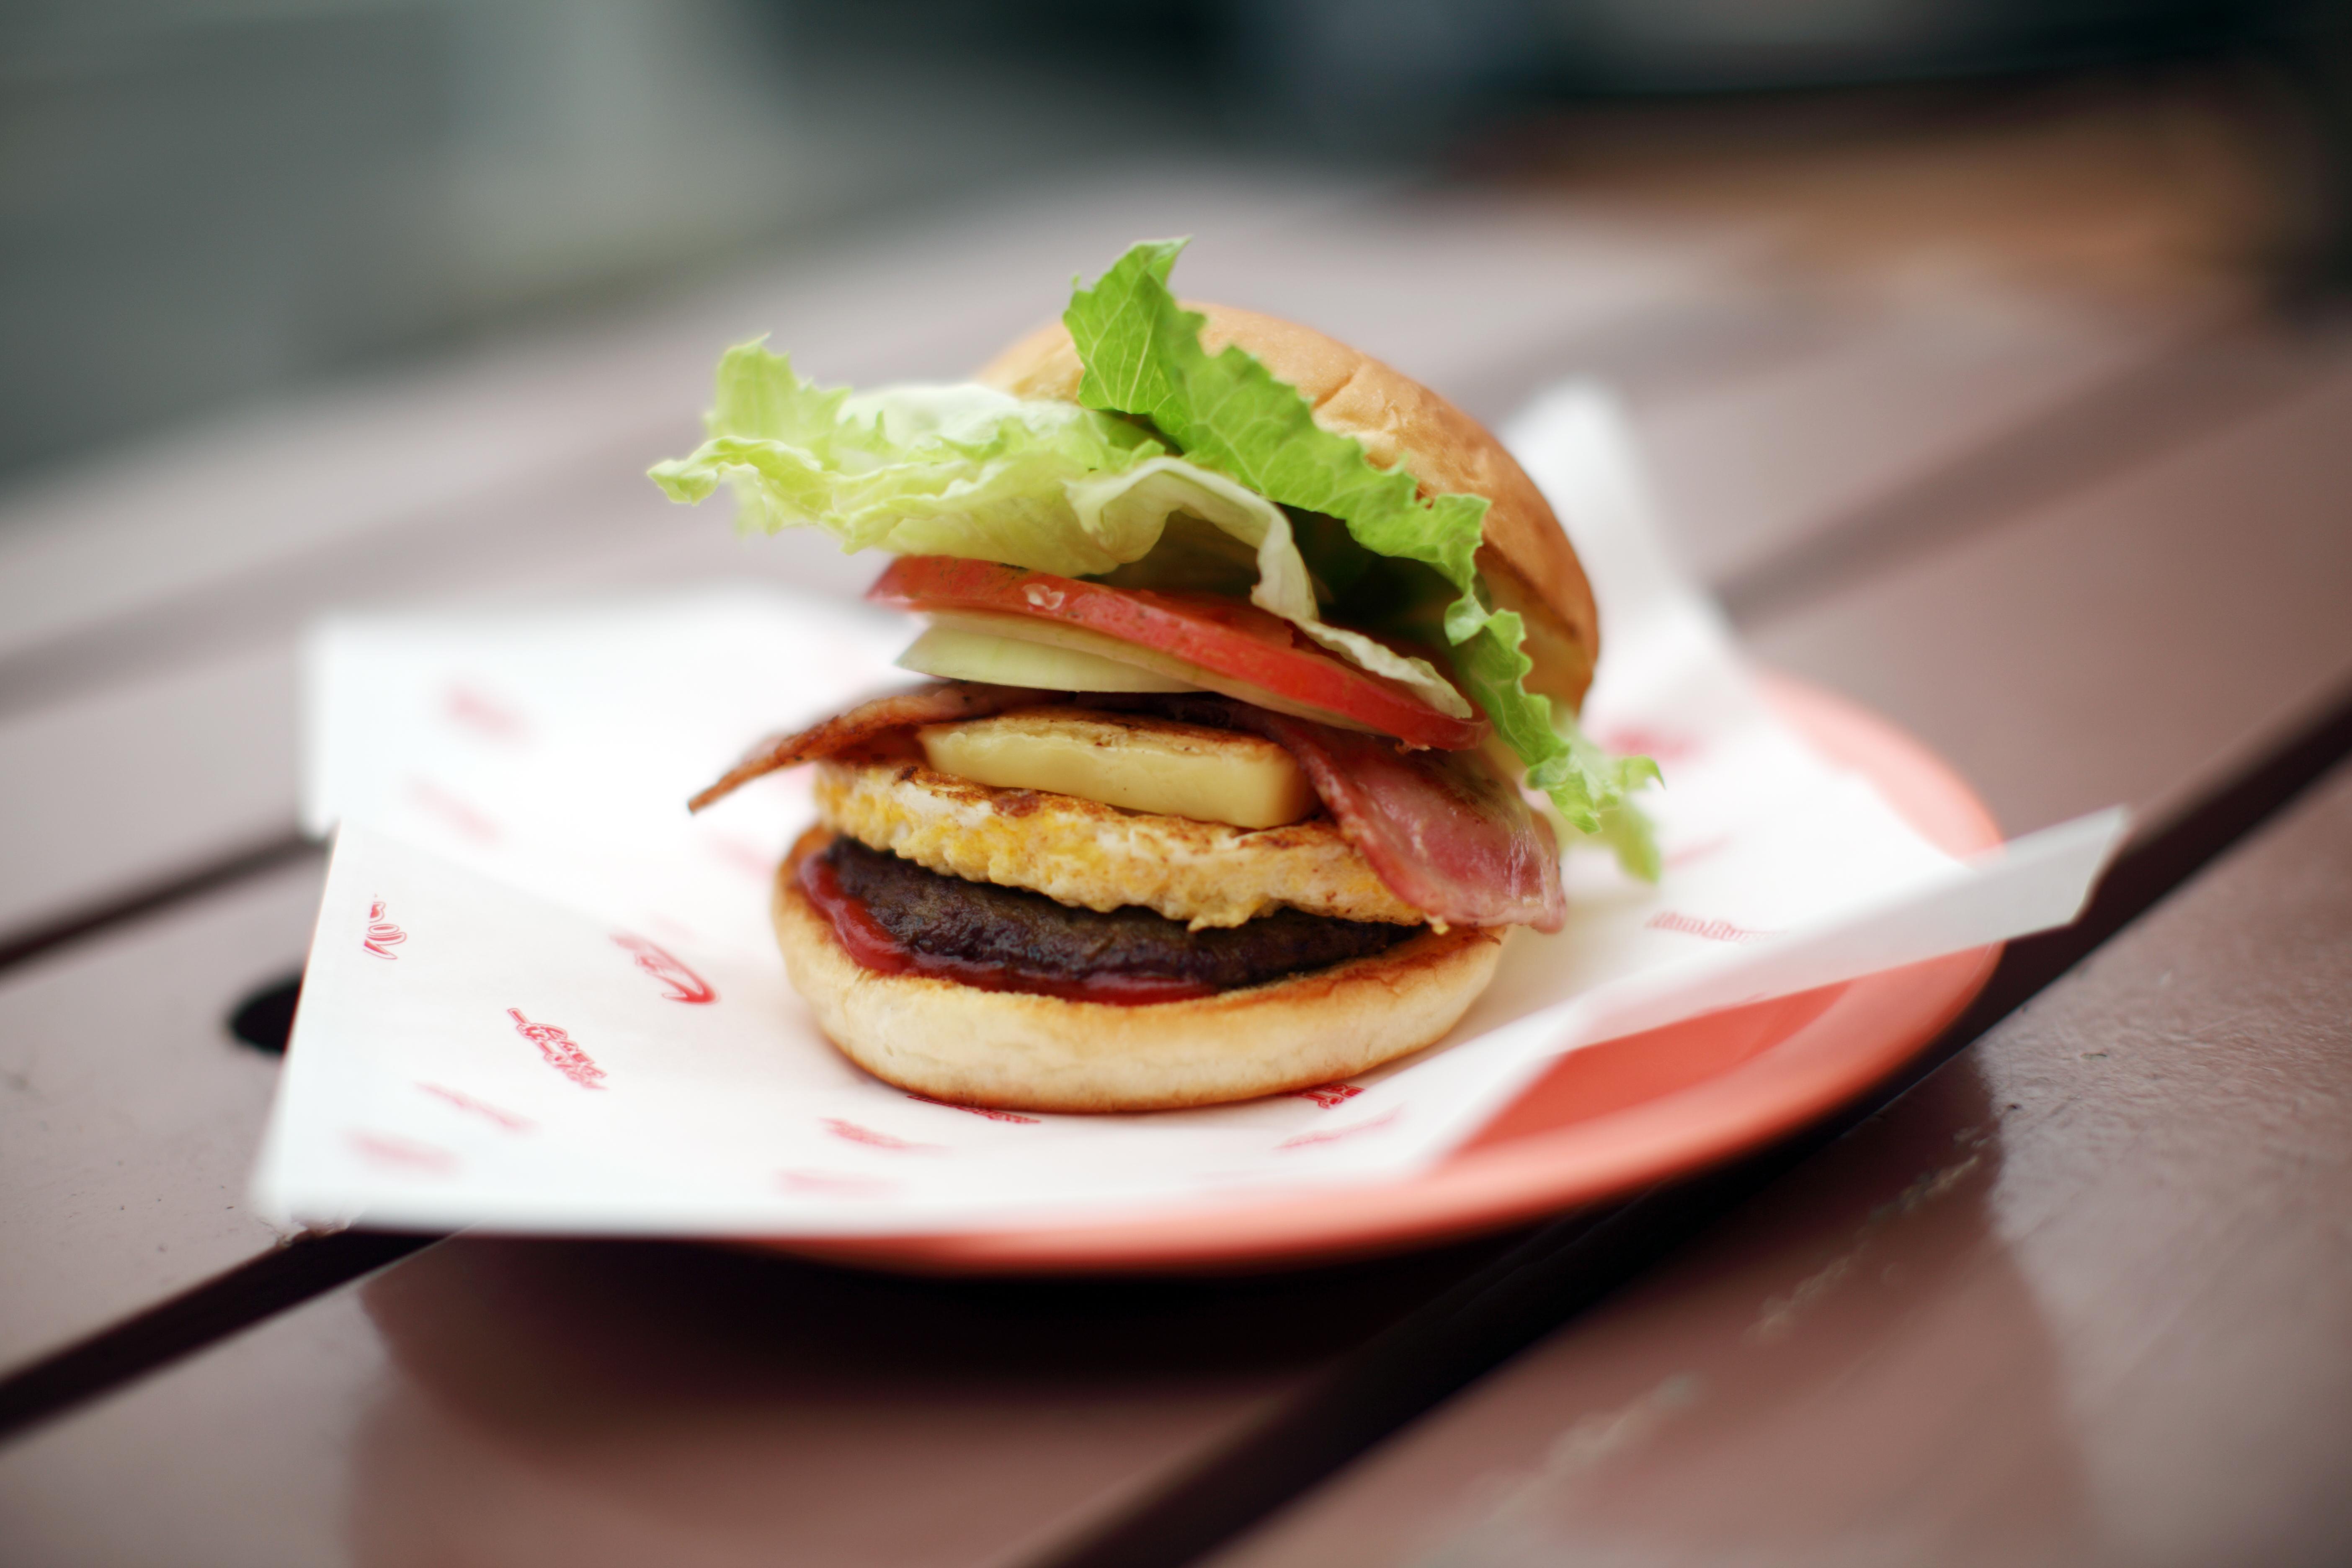 ボリューム満点の佐世保バーガー。こちらも一度は食べてみたい佐世保自慢のご当地グルメです。写真:©佐世保観光コンベンション協会